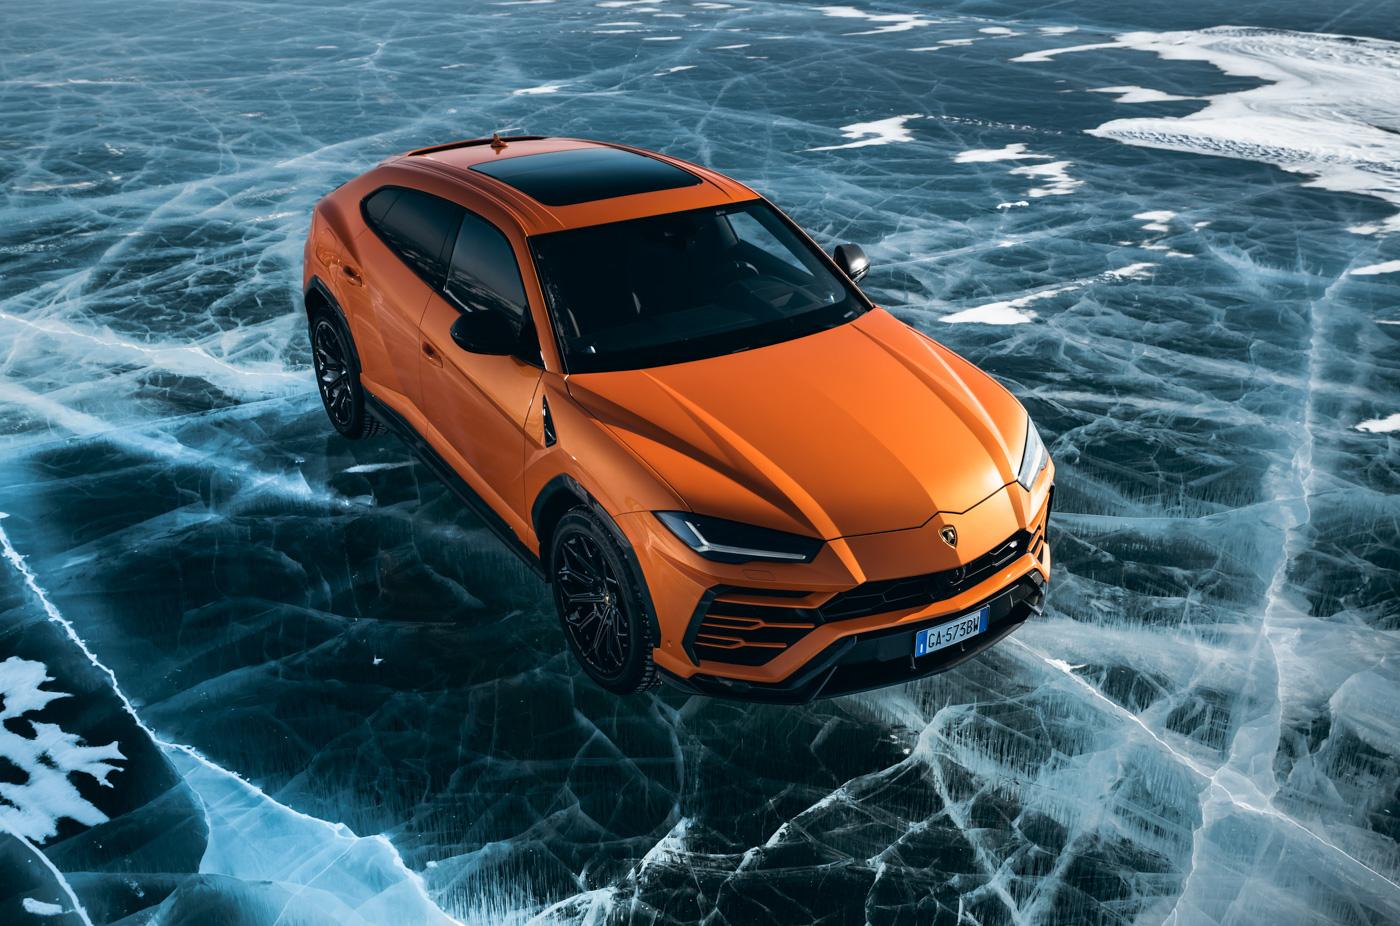 Chế-độ-lái-của-Lamborghini-Urus-14.jpg